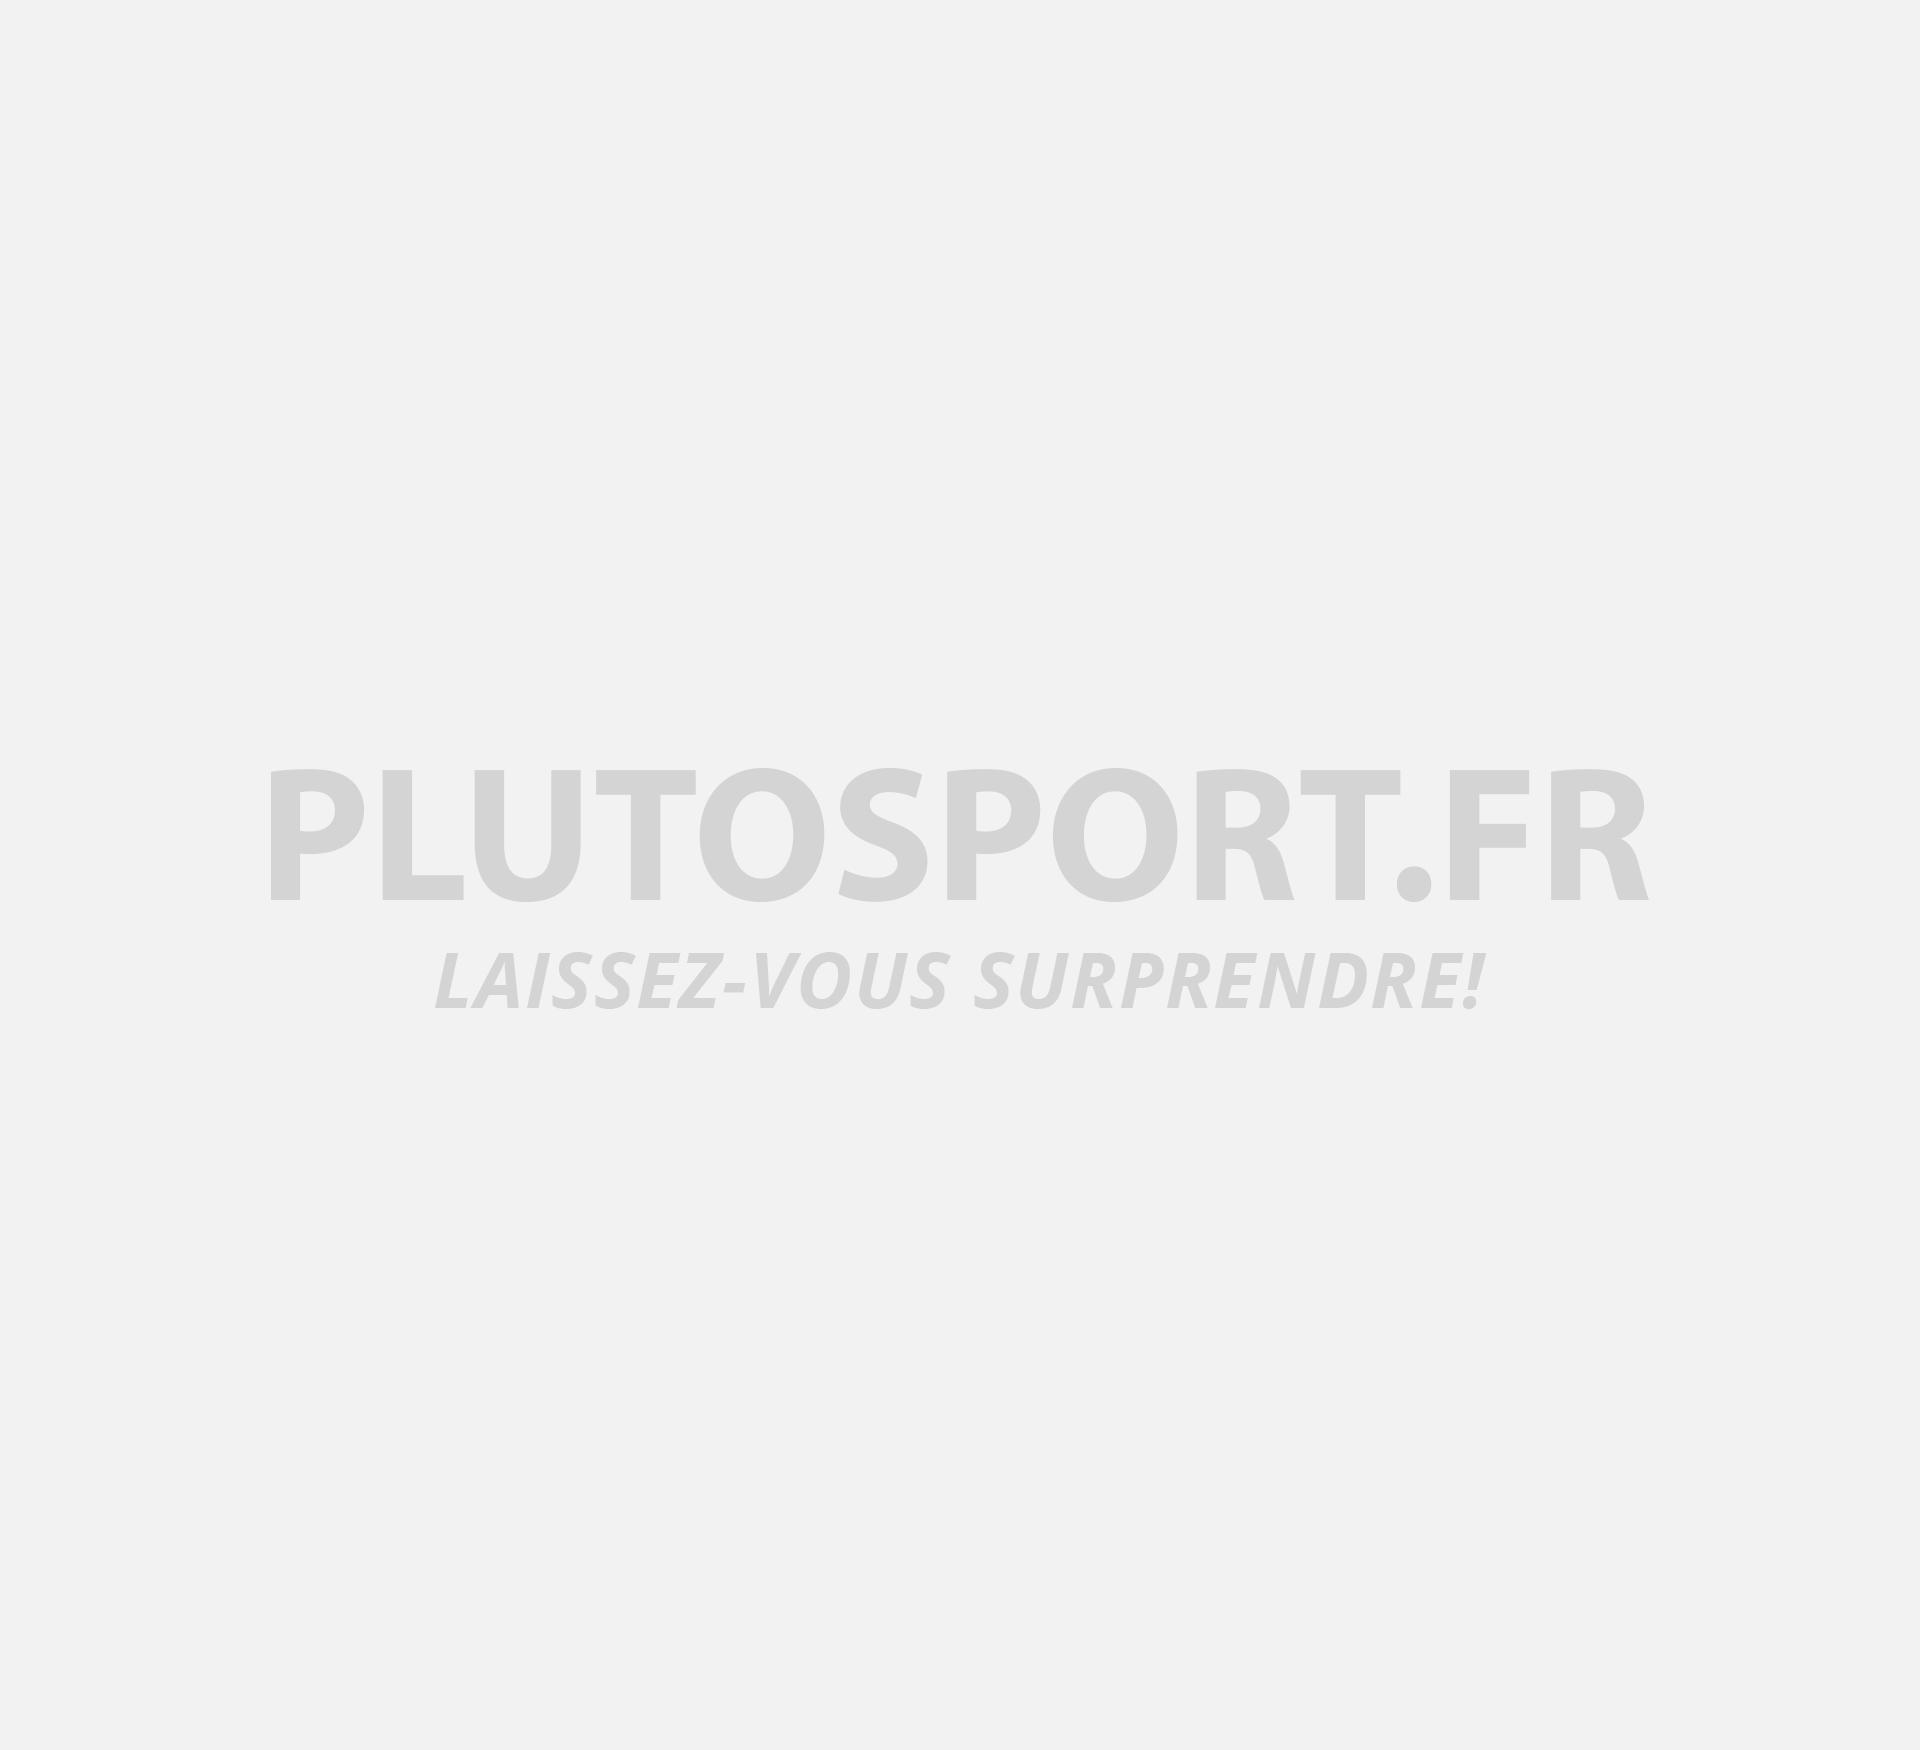 Bamboo Basics Rico, Boxer-shorts pour hommes (Lot de 3 pièces)